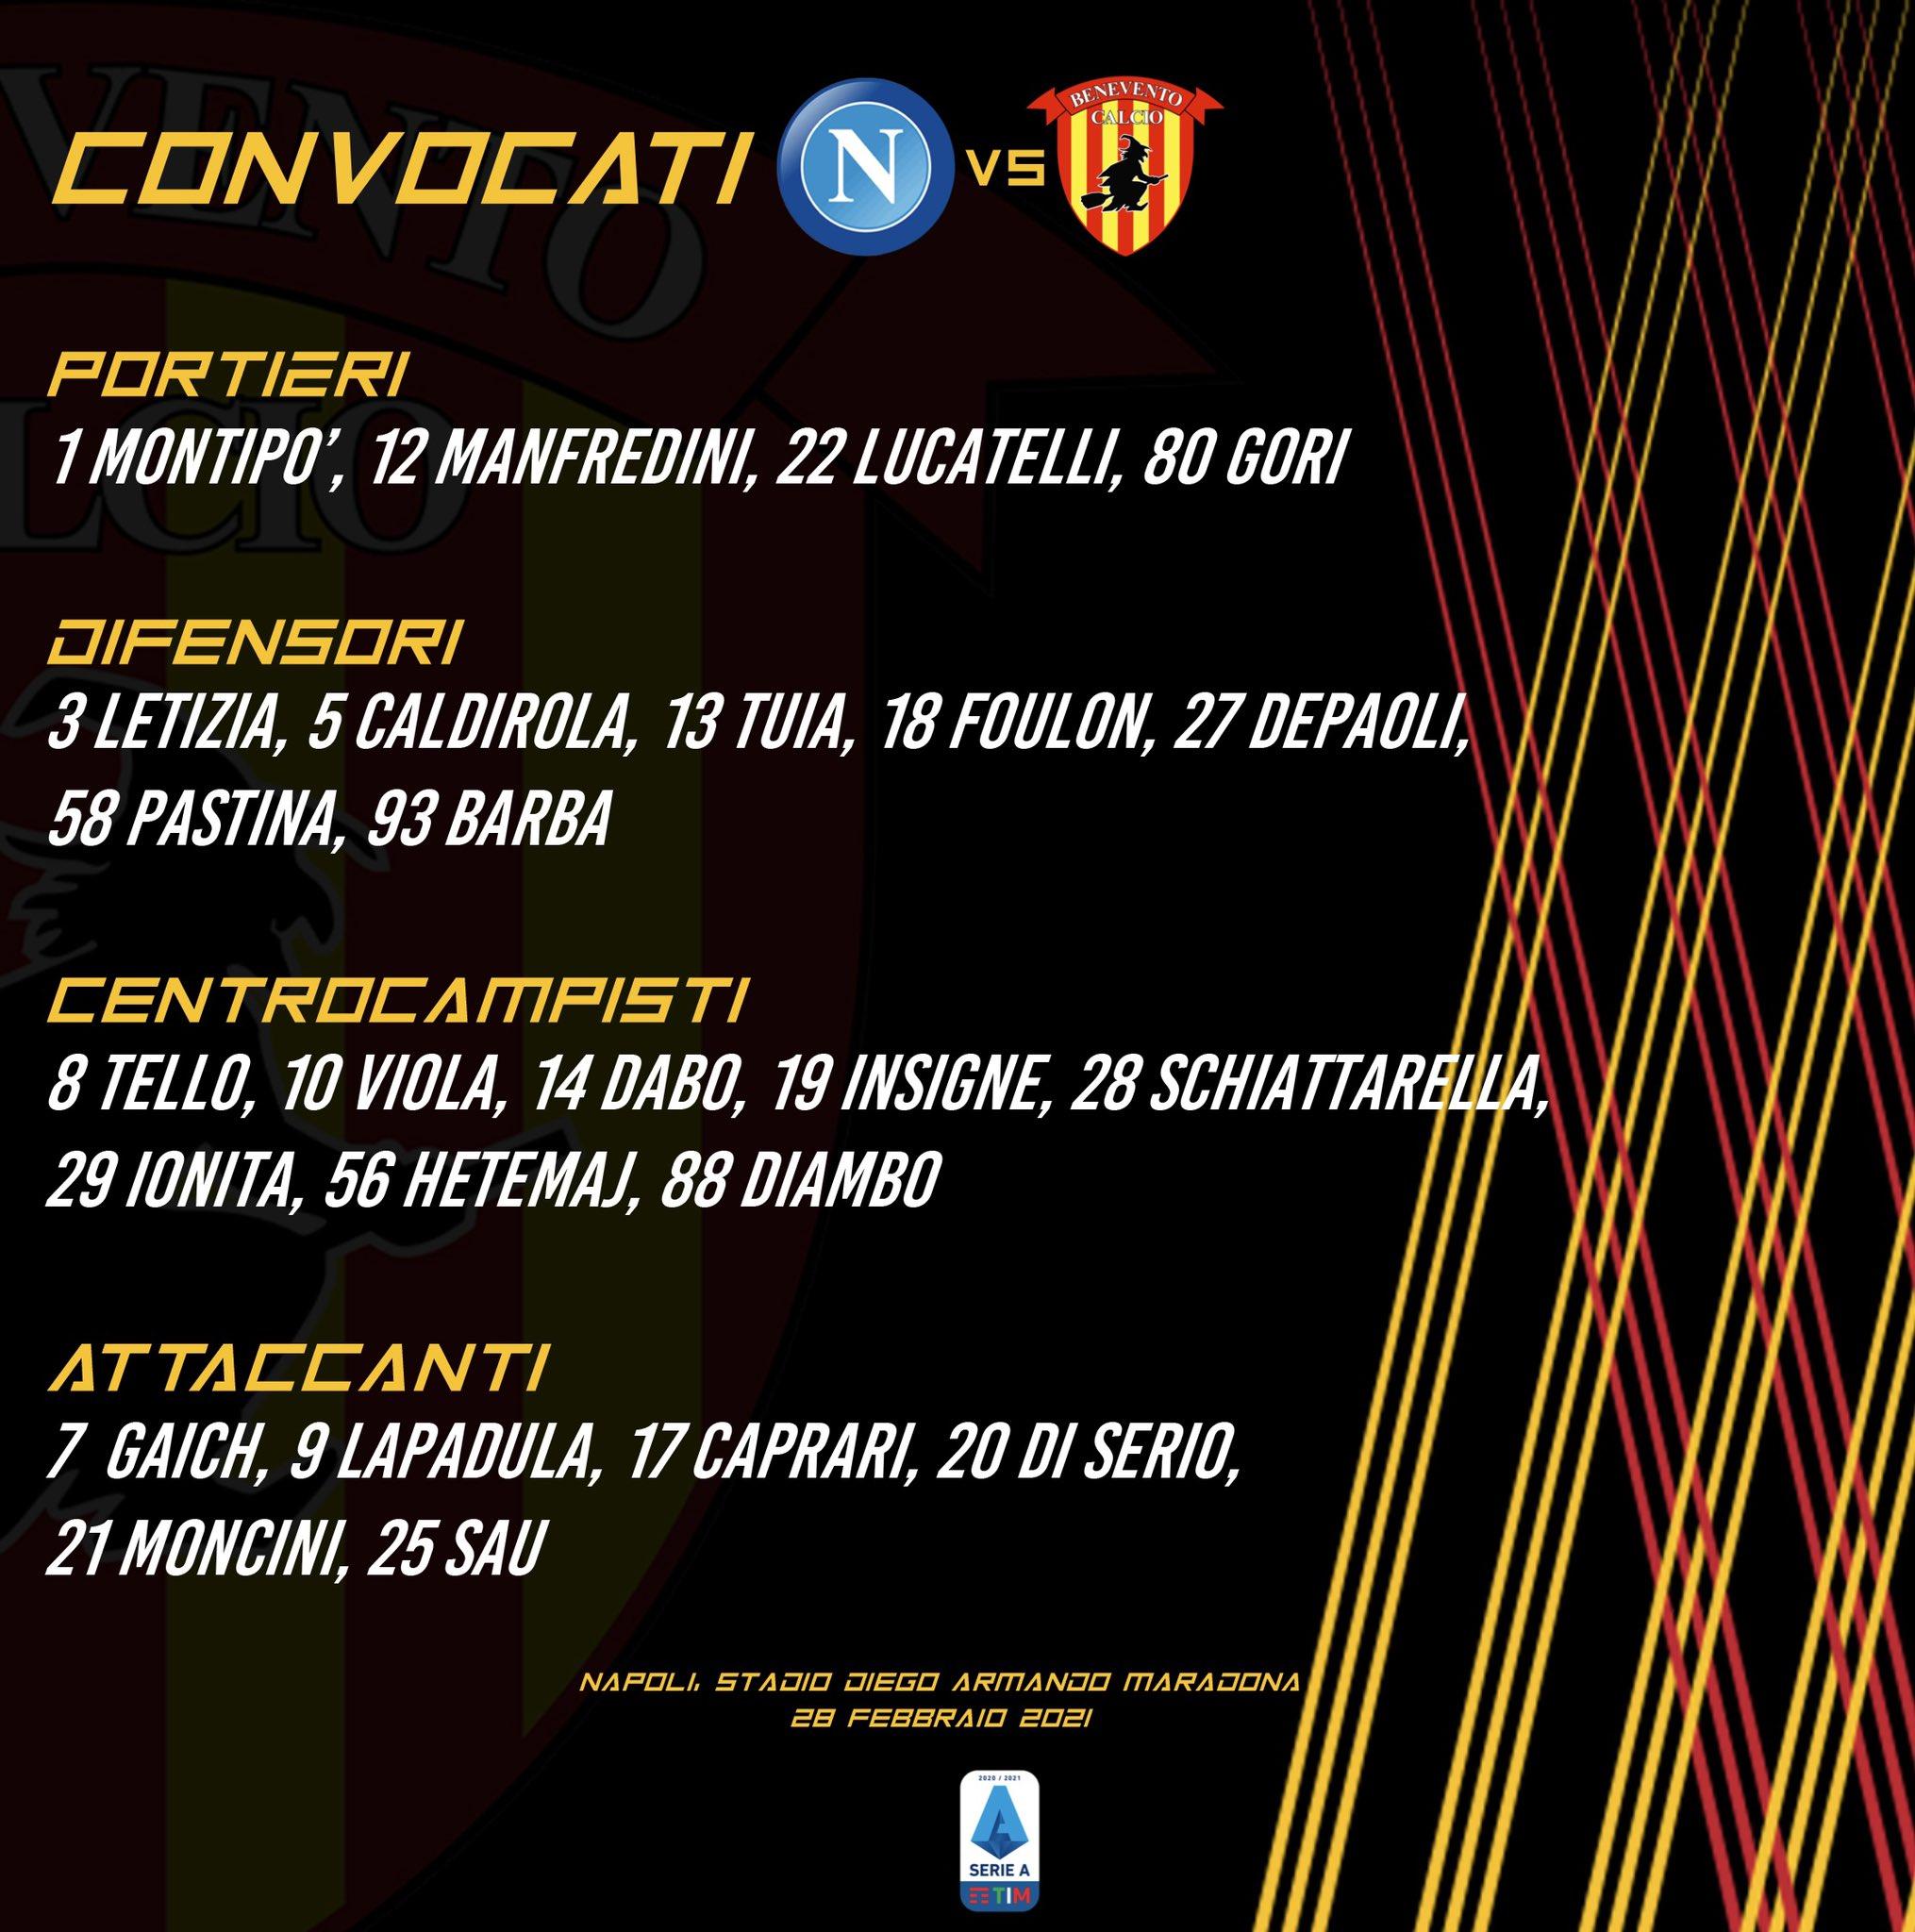 Napoli-Benevento, i convocati di Inzaghi: non ci sono Glik, Improta e Iago Falque